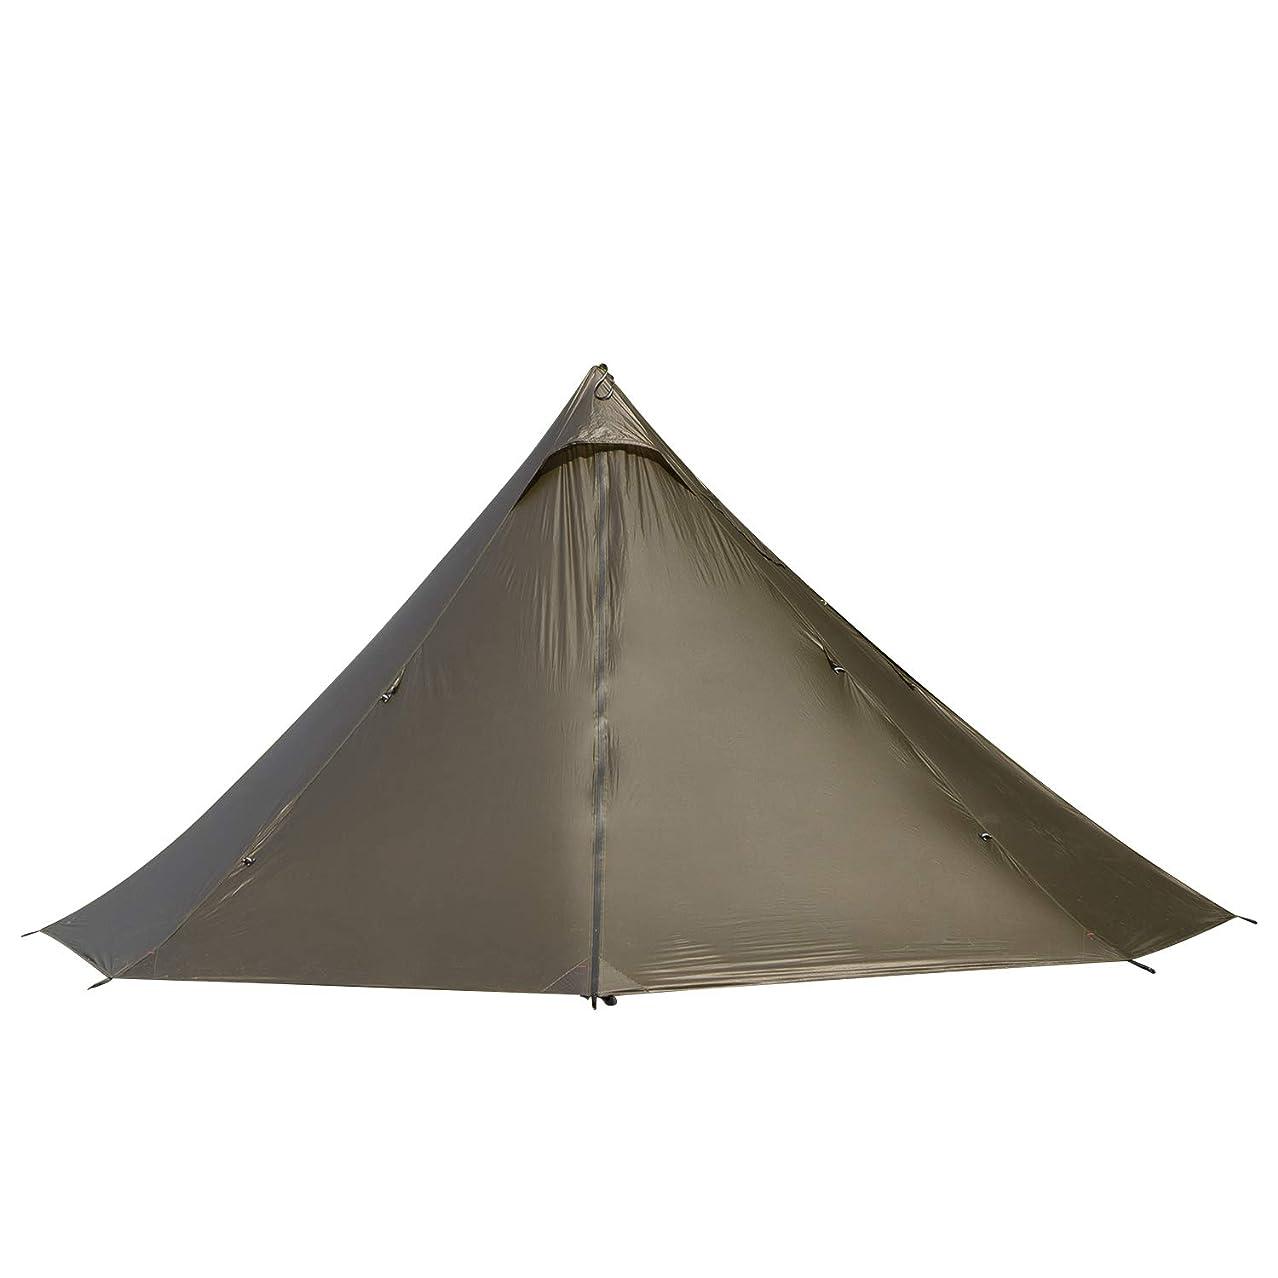 再開水没ゲージBlack Orca ワンポールテント 軽量テント 2人用 簡単設営 防水 キャンプ用